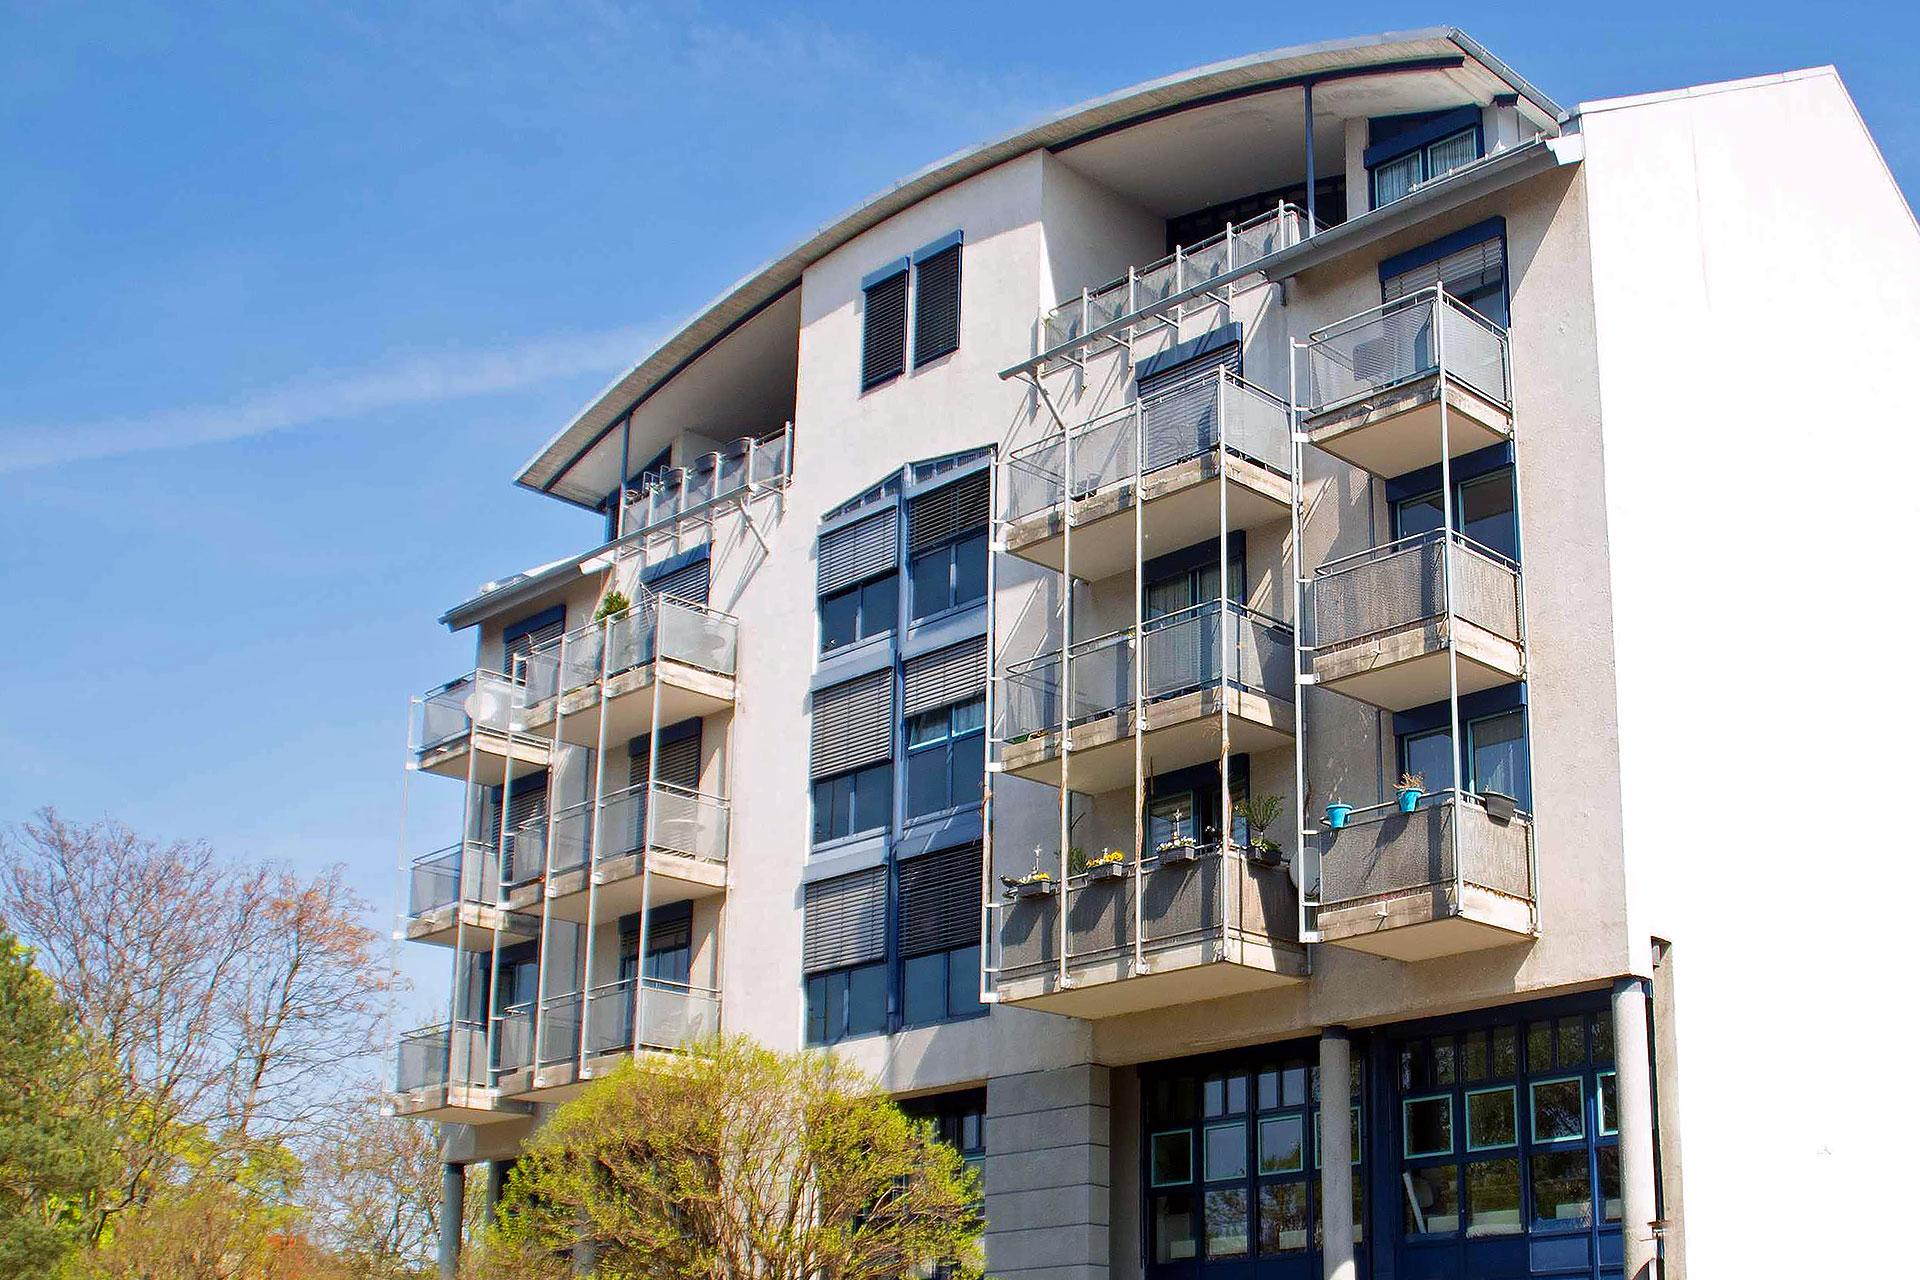 Marggraf Architektur begrüßt neue Mitarbeiterin